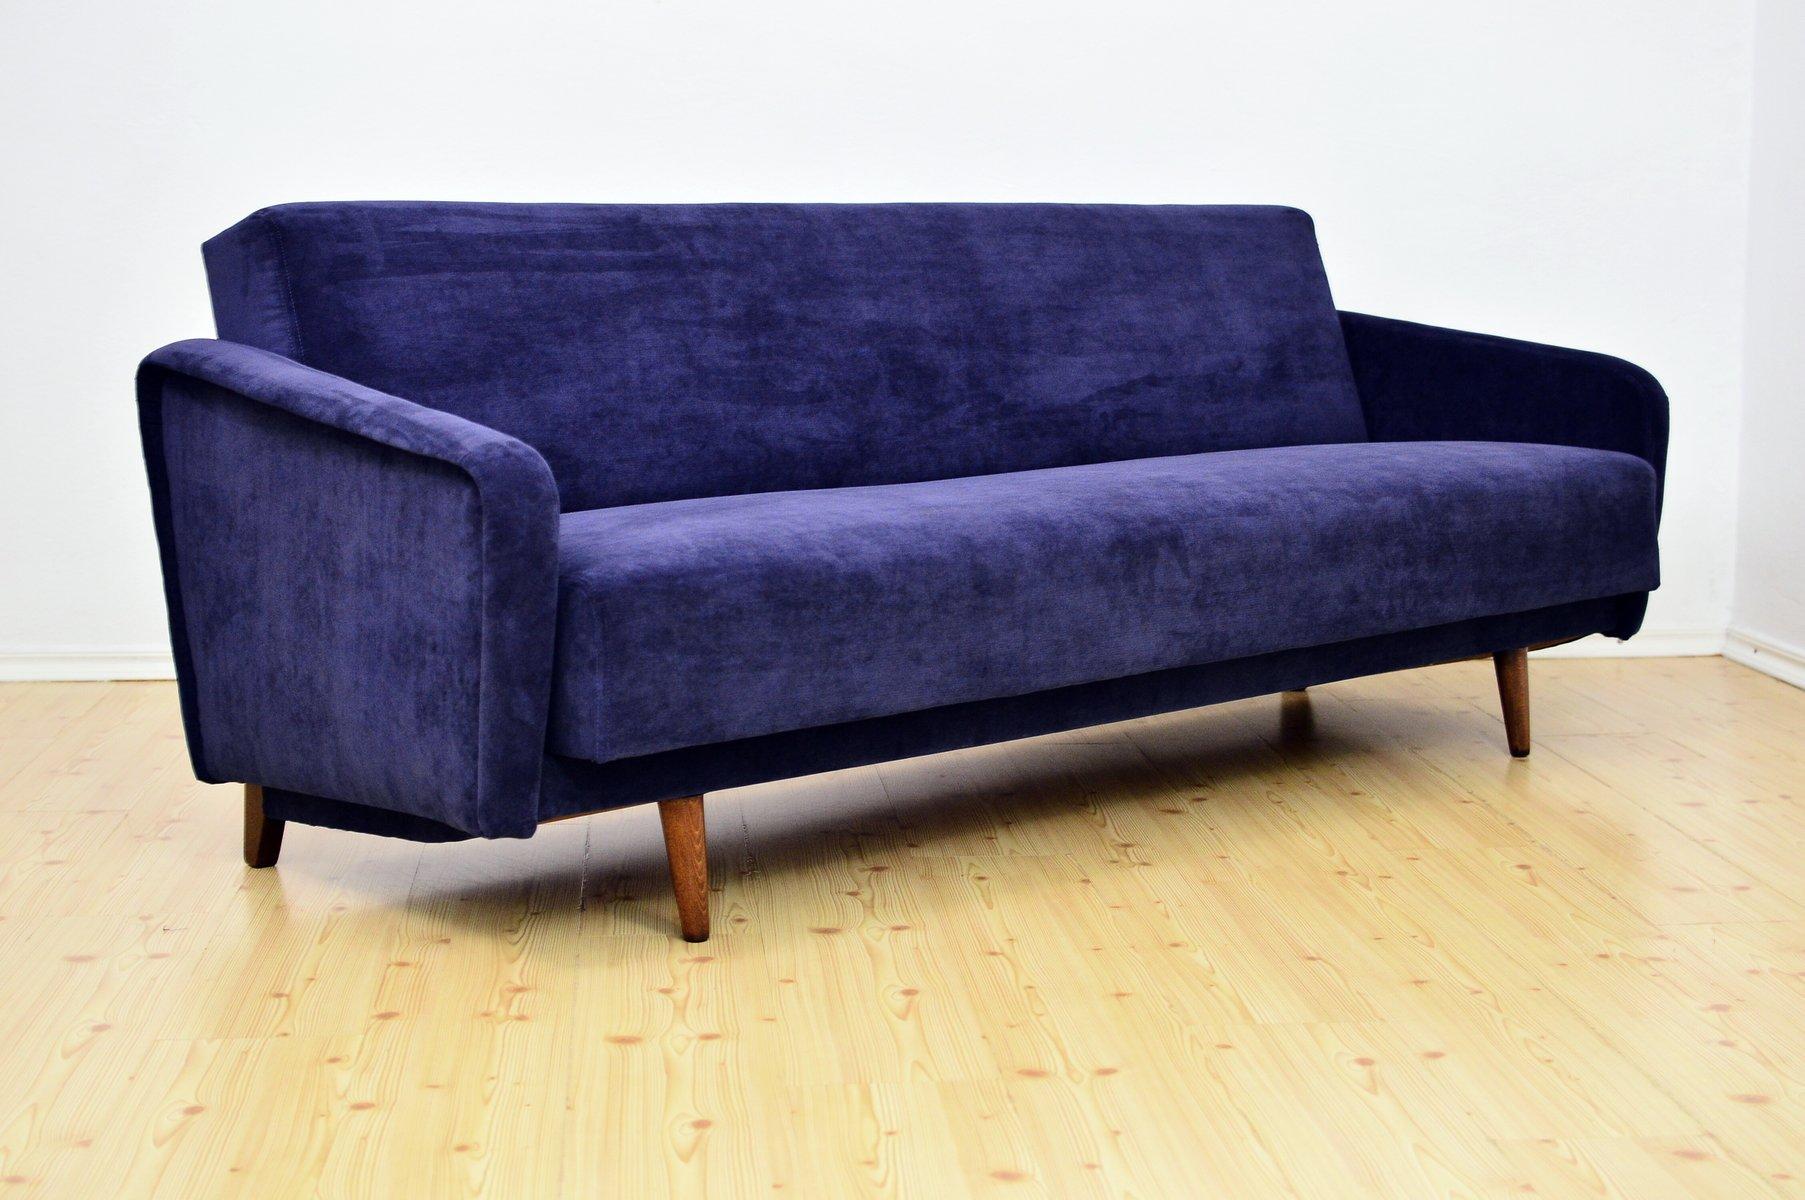 Divano letto blu scuro anni 39 60 in vendita su pamono - Pipi a letto a 5 anni ...